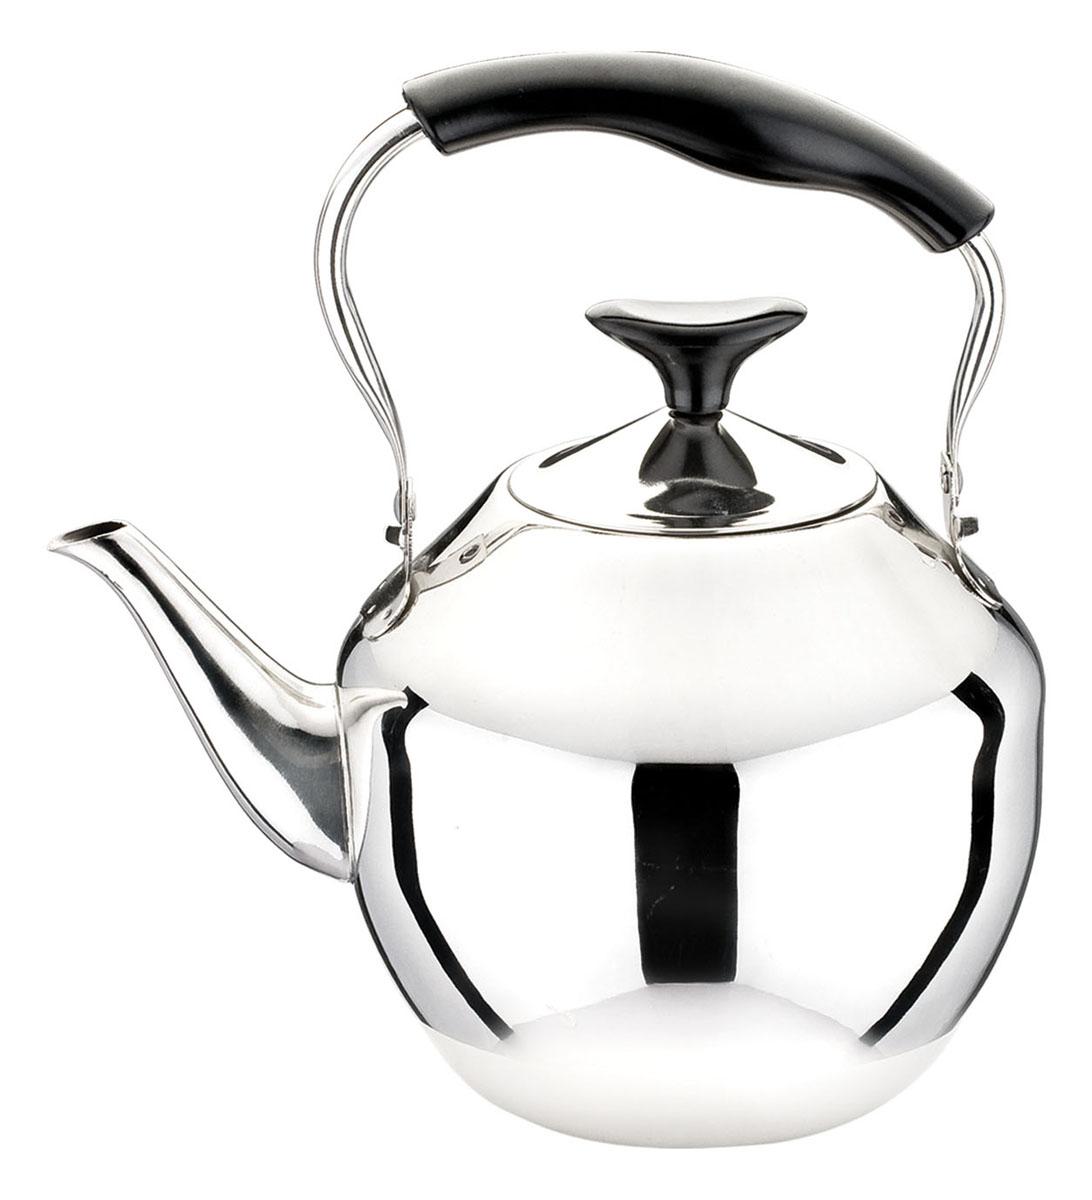 Чайник Bekker Koch, 4 л. BK-S48168/5/4Чайник Bekker Koch изготовлен из высококачественной нержавеющей стали с зеркальной полировкой. Цельнометаллическое дно распределяет тепло по всей поверхности, что позволяет чайнику быстро закипать. Эргономичная подвижная ручка выполнена из нержавеющей стали и бакелита черного цвета. Широкое отверстие по верхнему краю позволяет удобно наливать воду.Подходит для всех типов плит, включая индукционные. Можно мыть в посудомоечной машине.